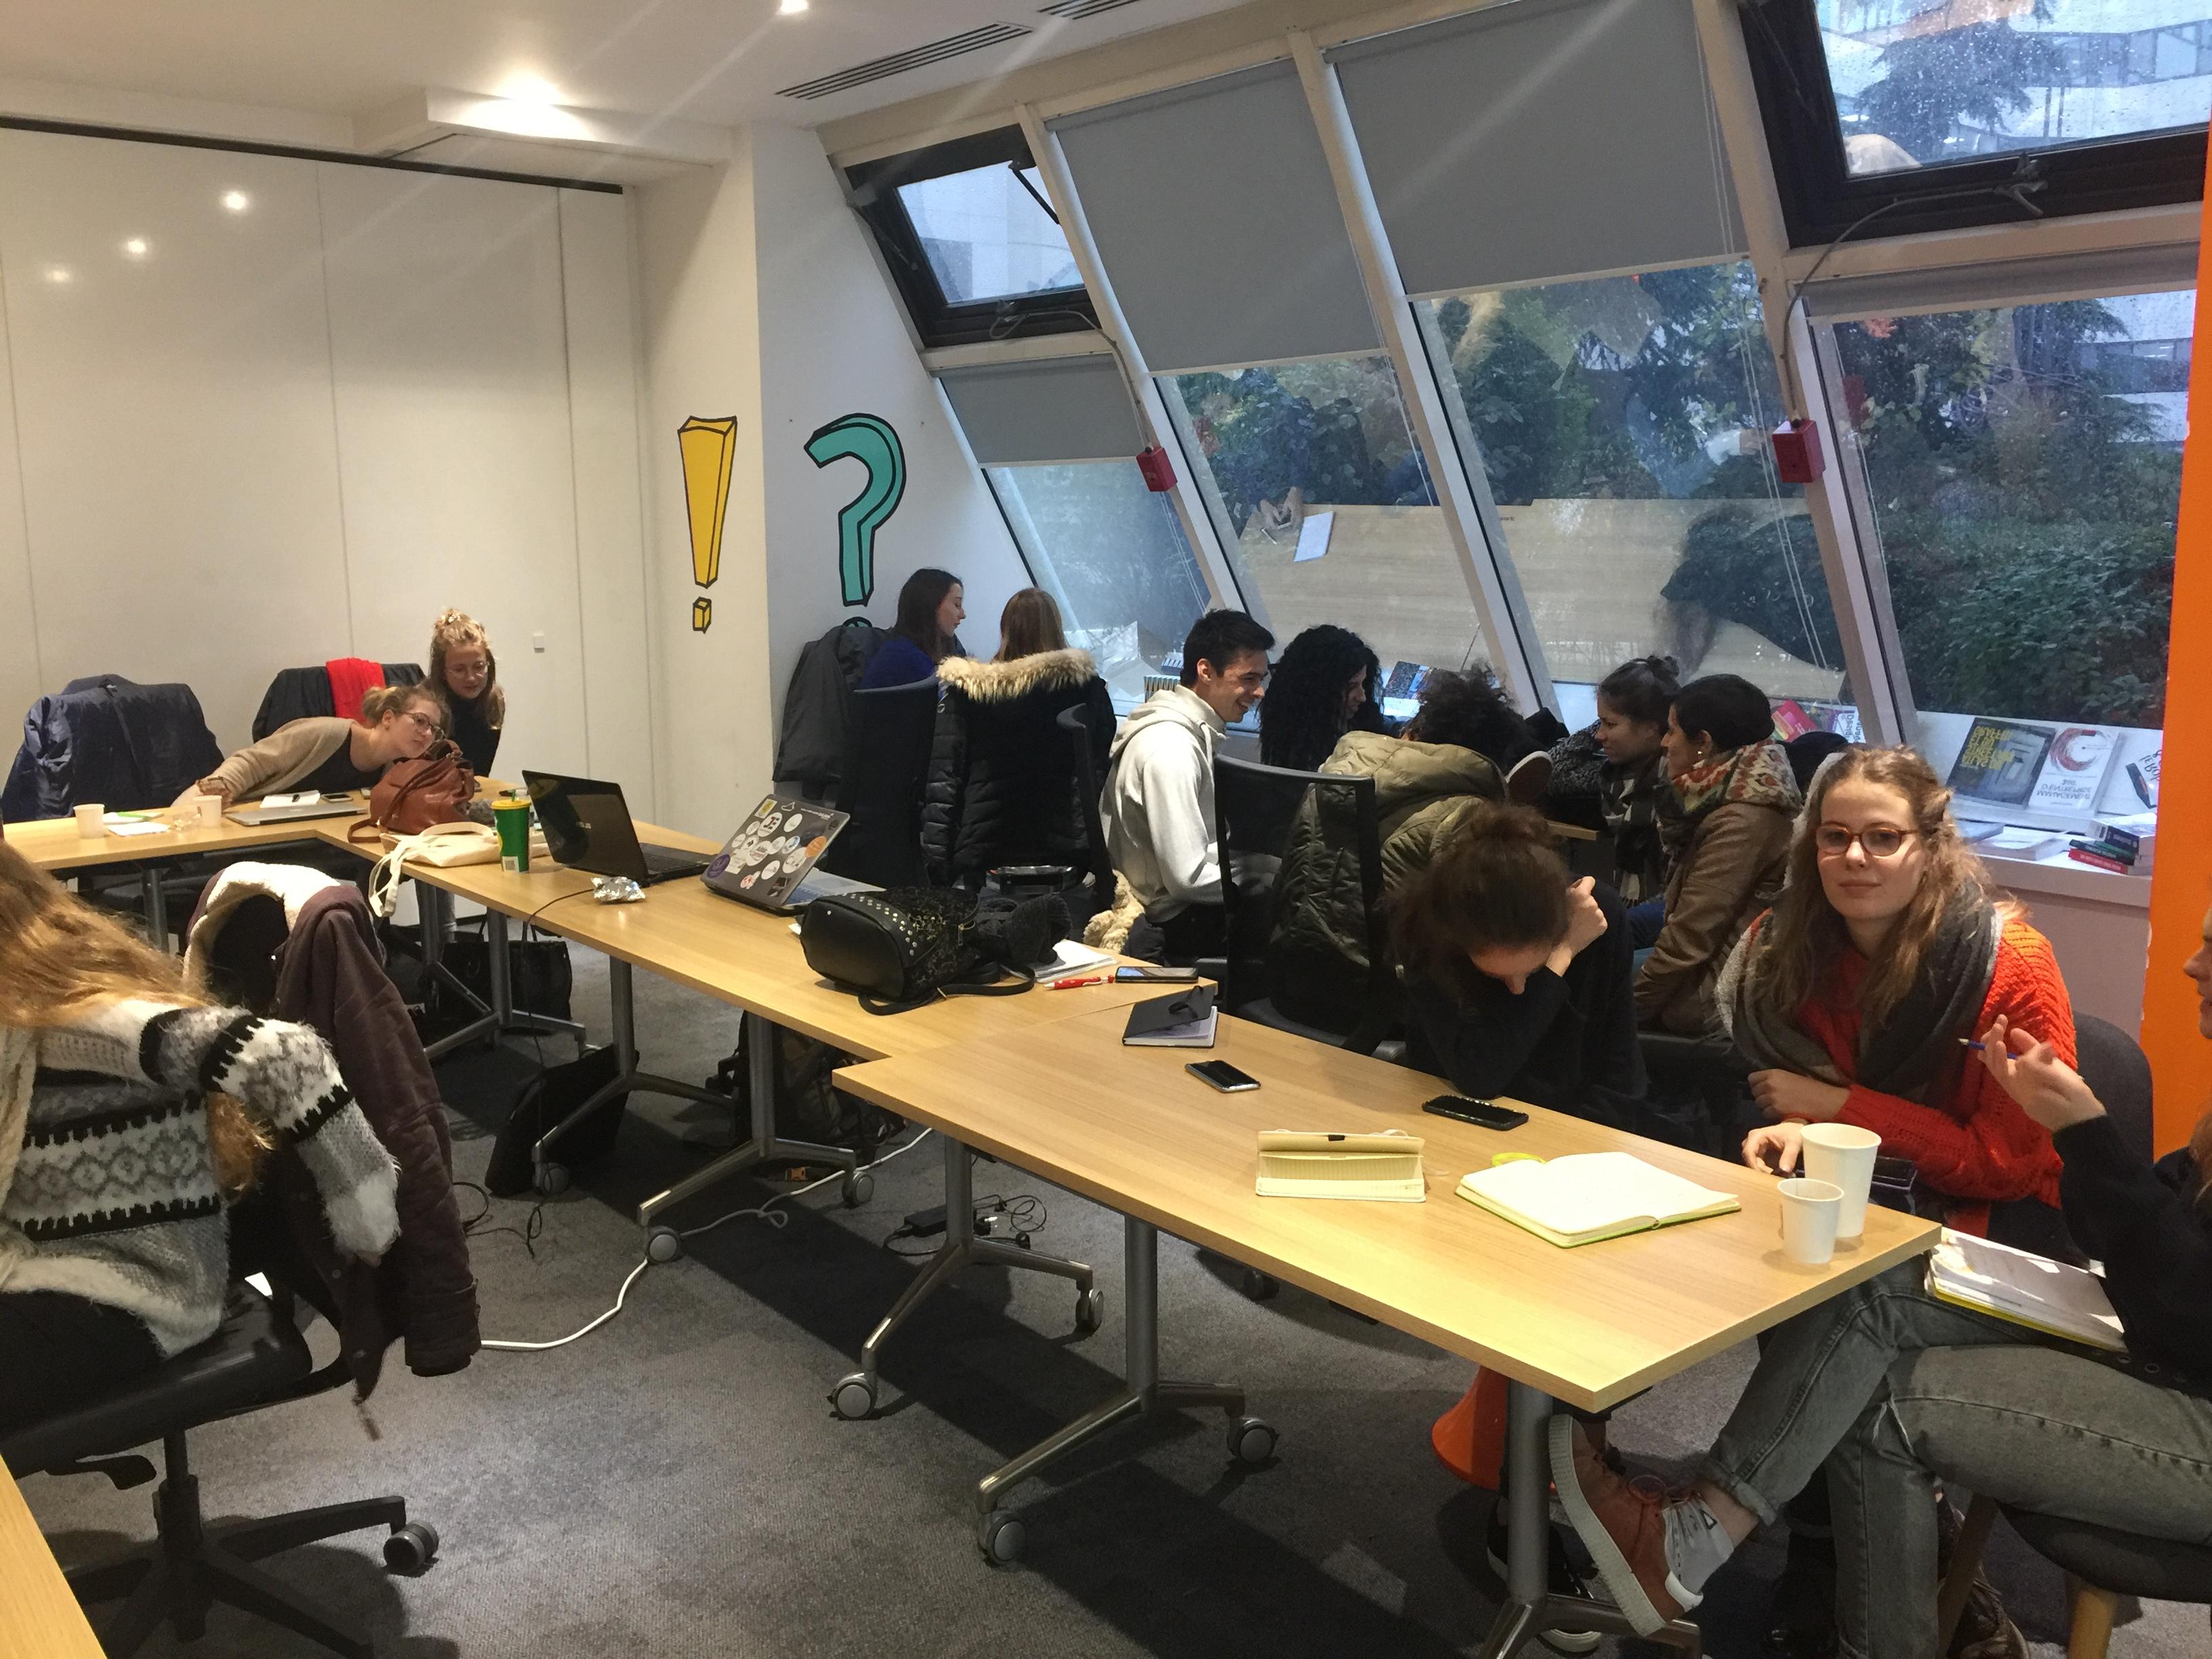 IMG 0201 - Conférence atelier avec les étudiants Unilasalle